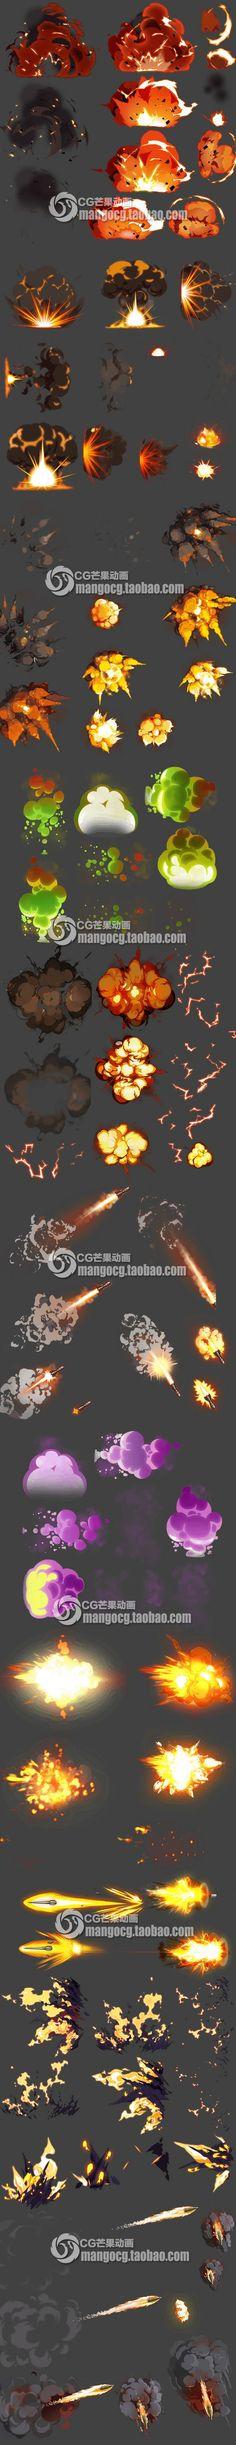 게임 아트 자원 Q 버전 손 여행 미사일 폭발 연기 기술 ...: